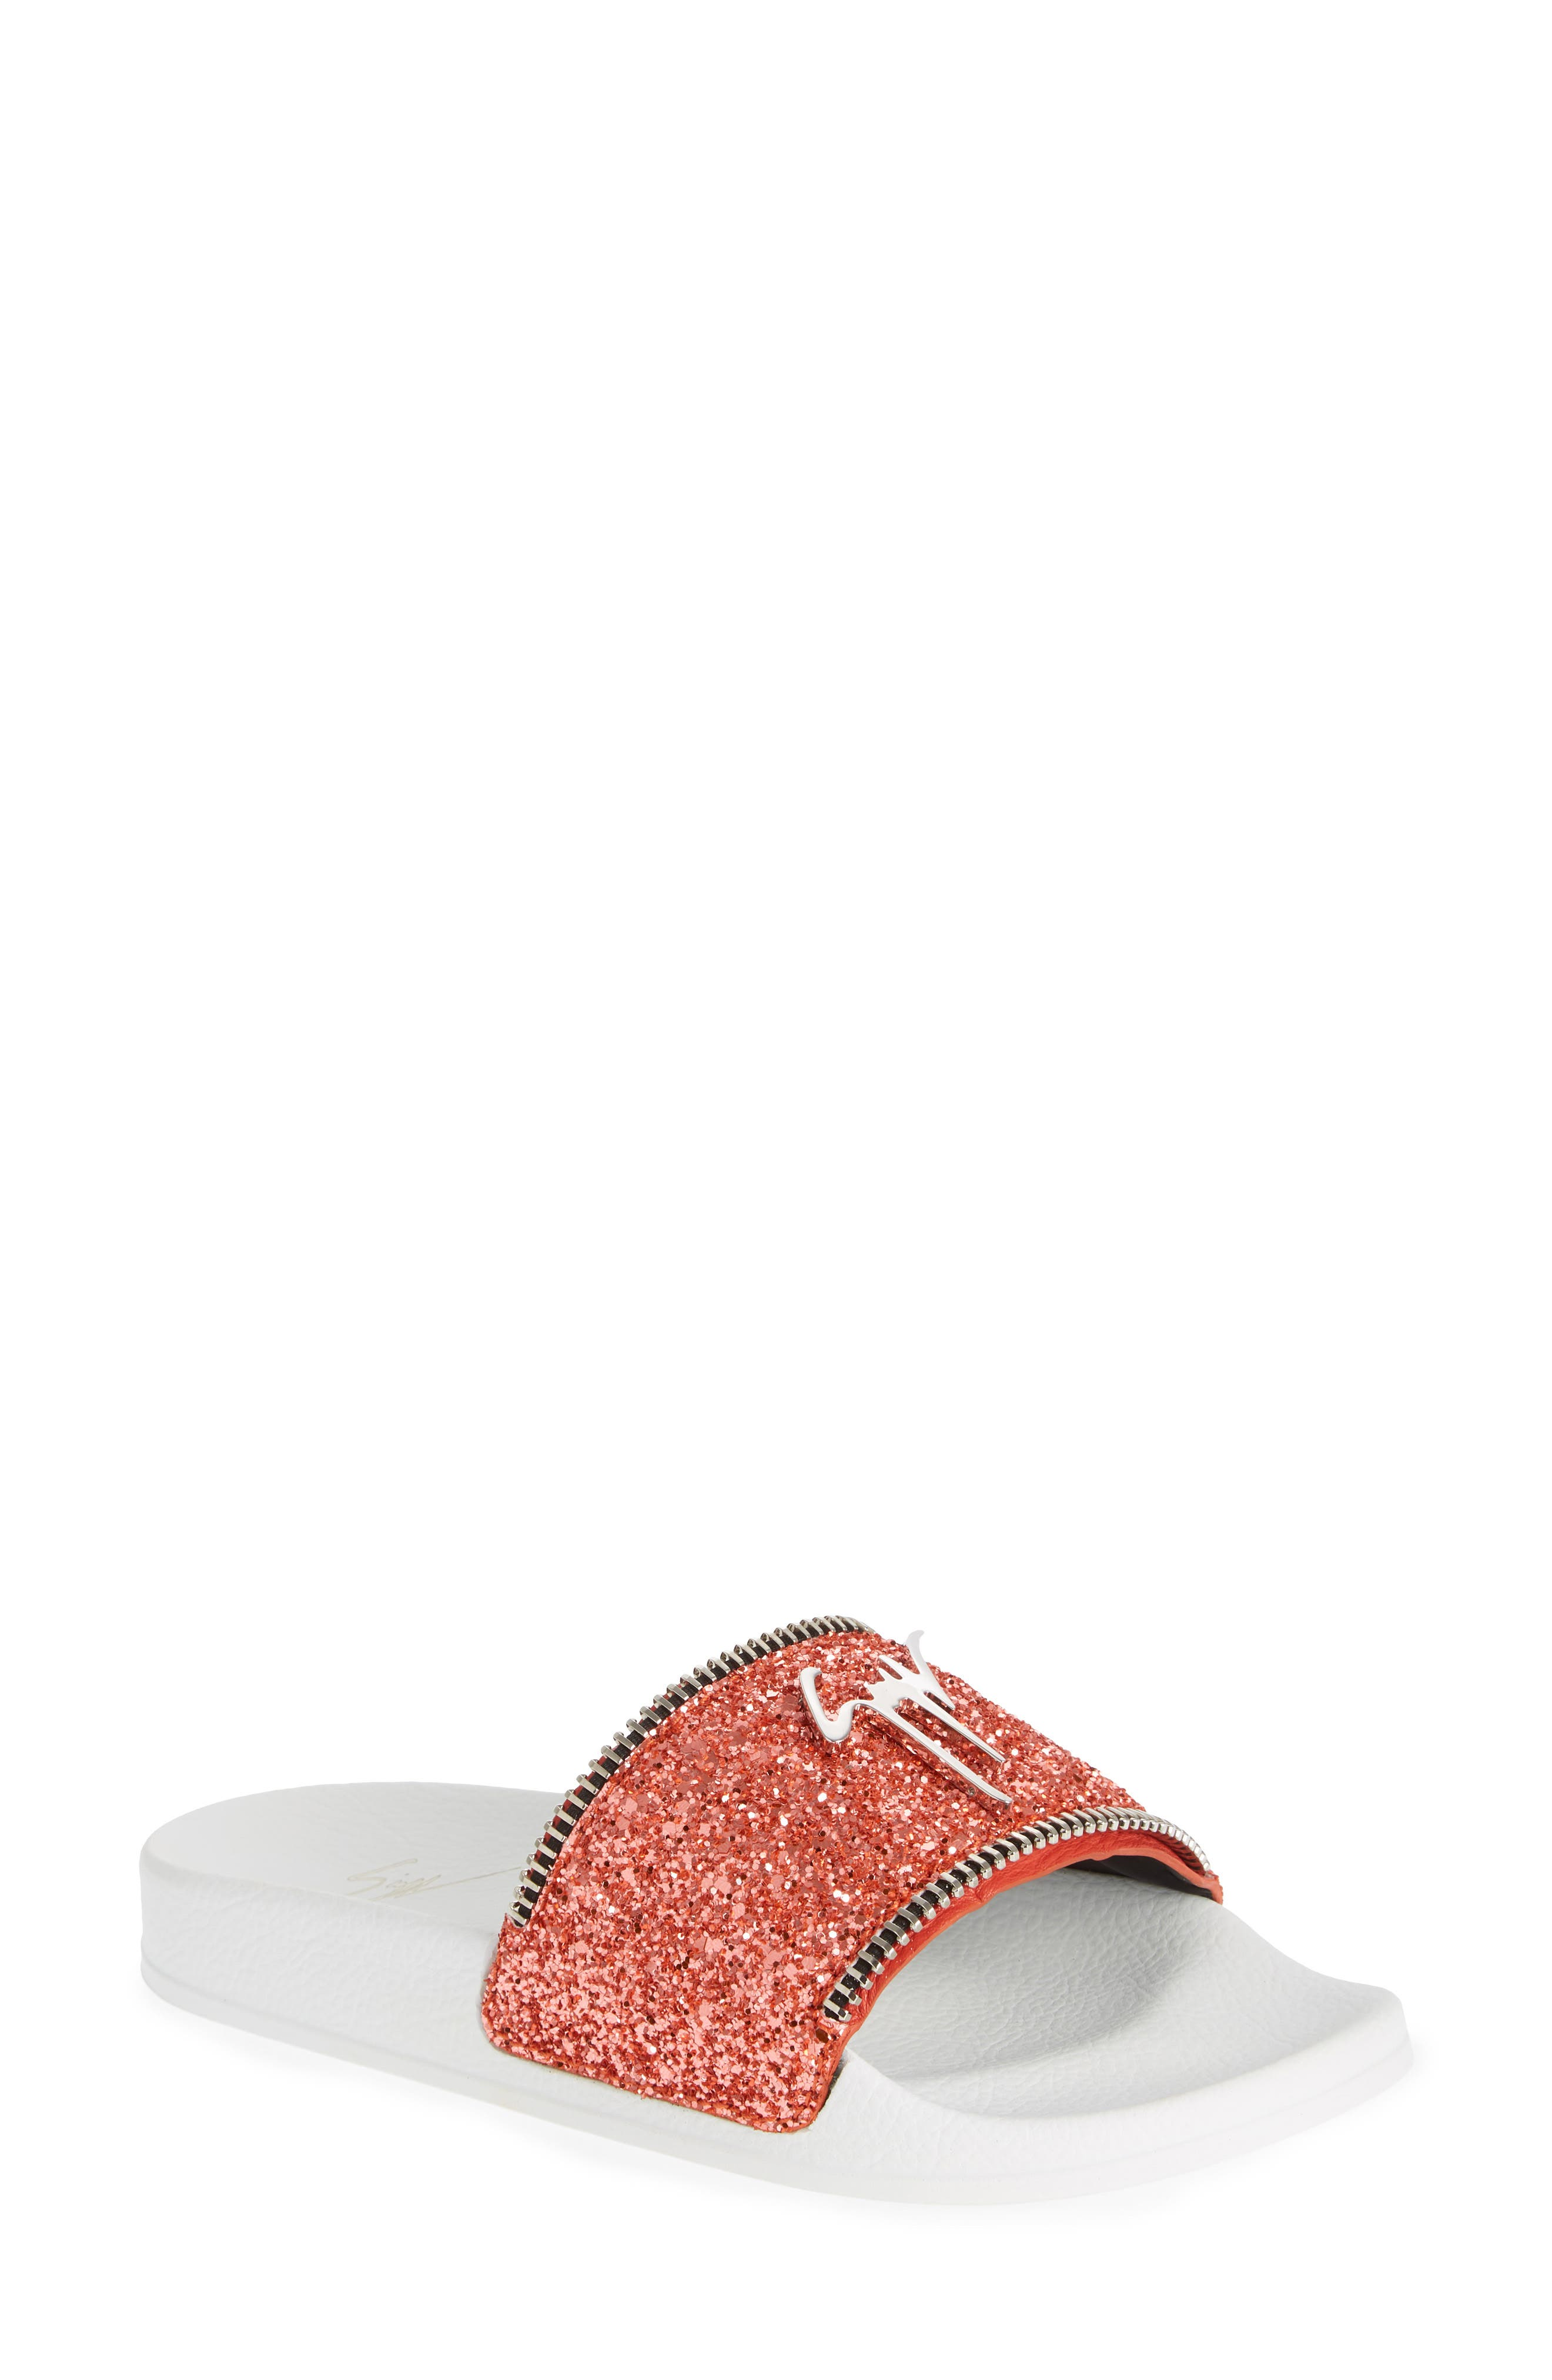 7b5a47ff8 Metallic Giuseppe Zanotti Shoes for Women